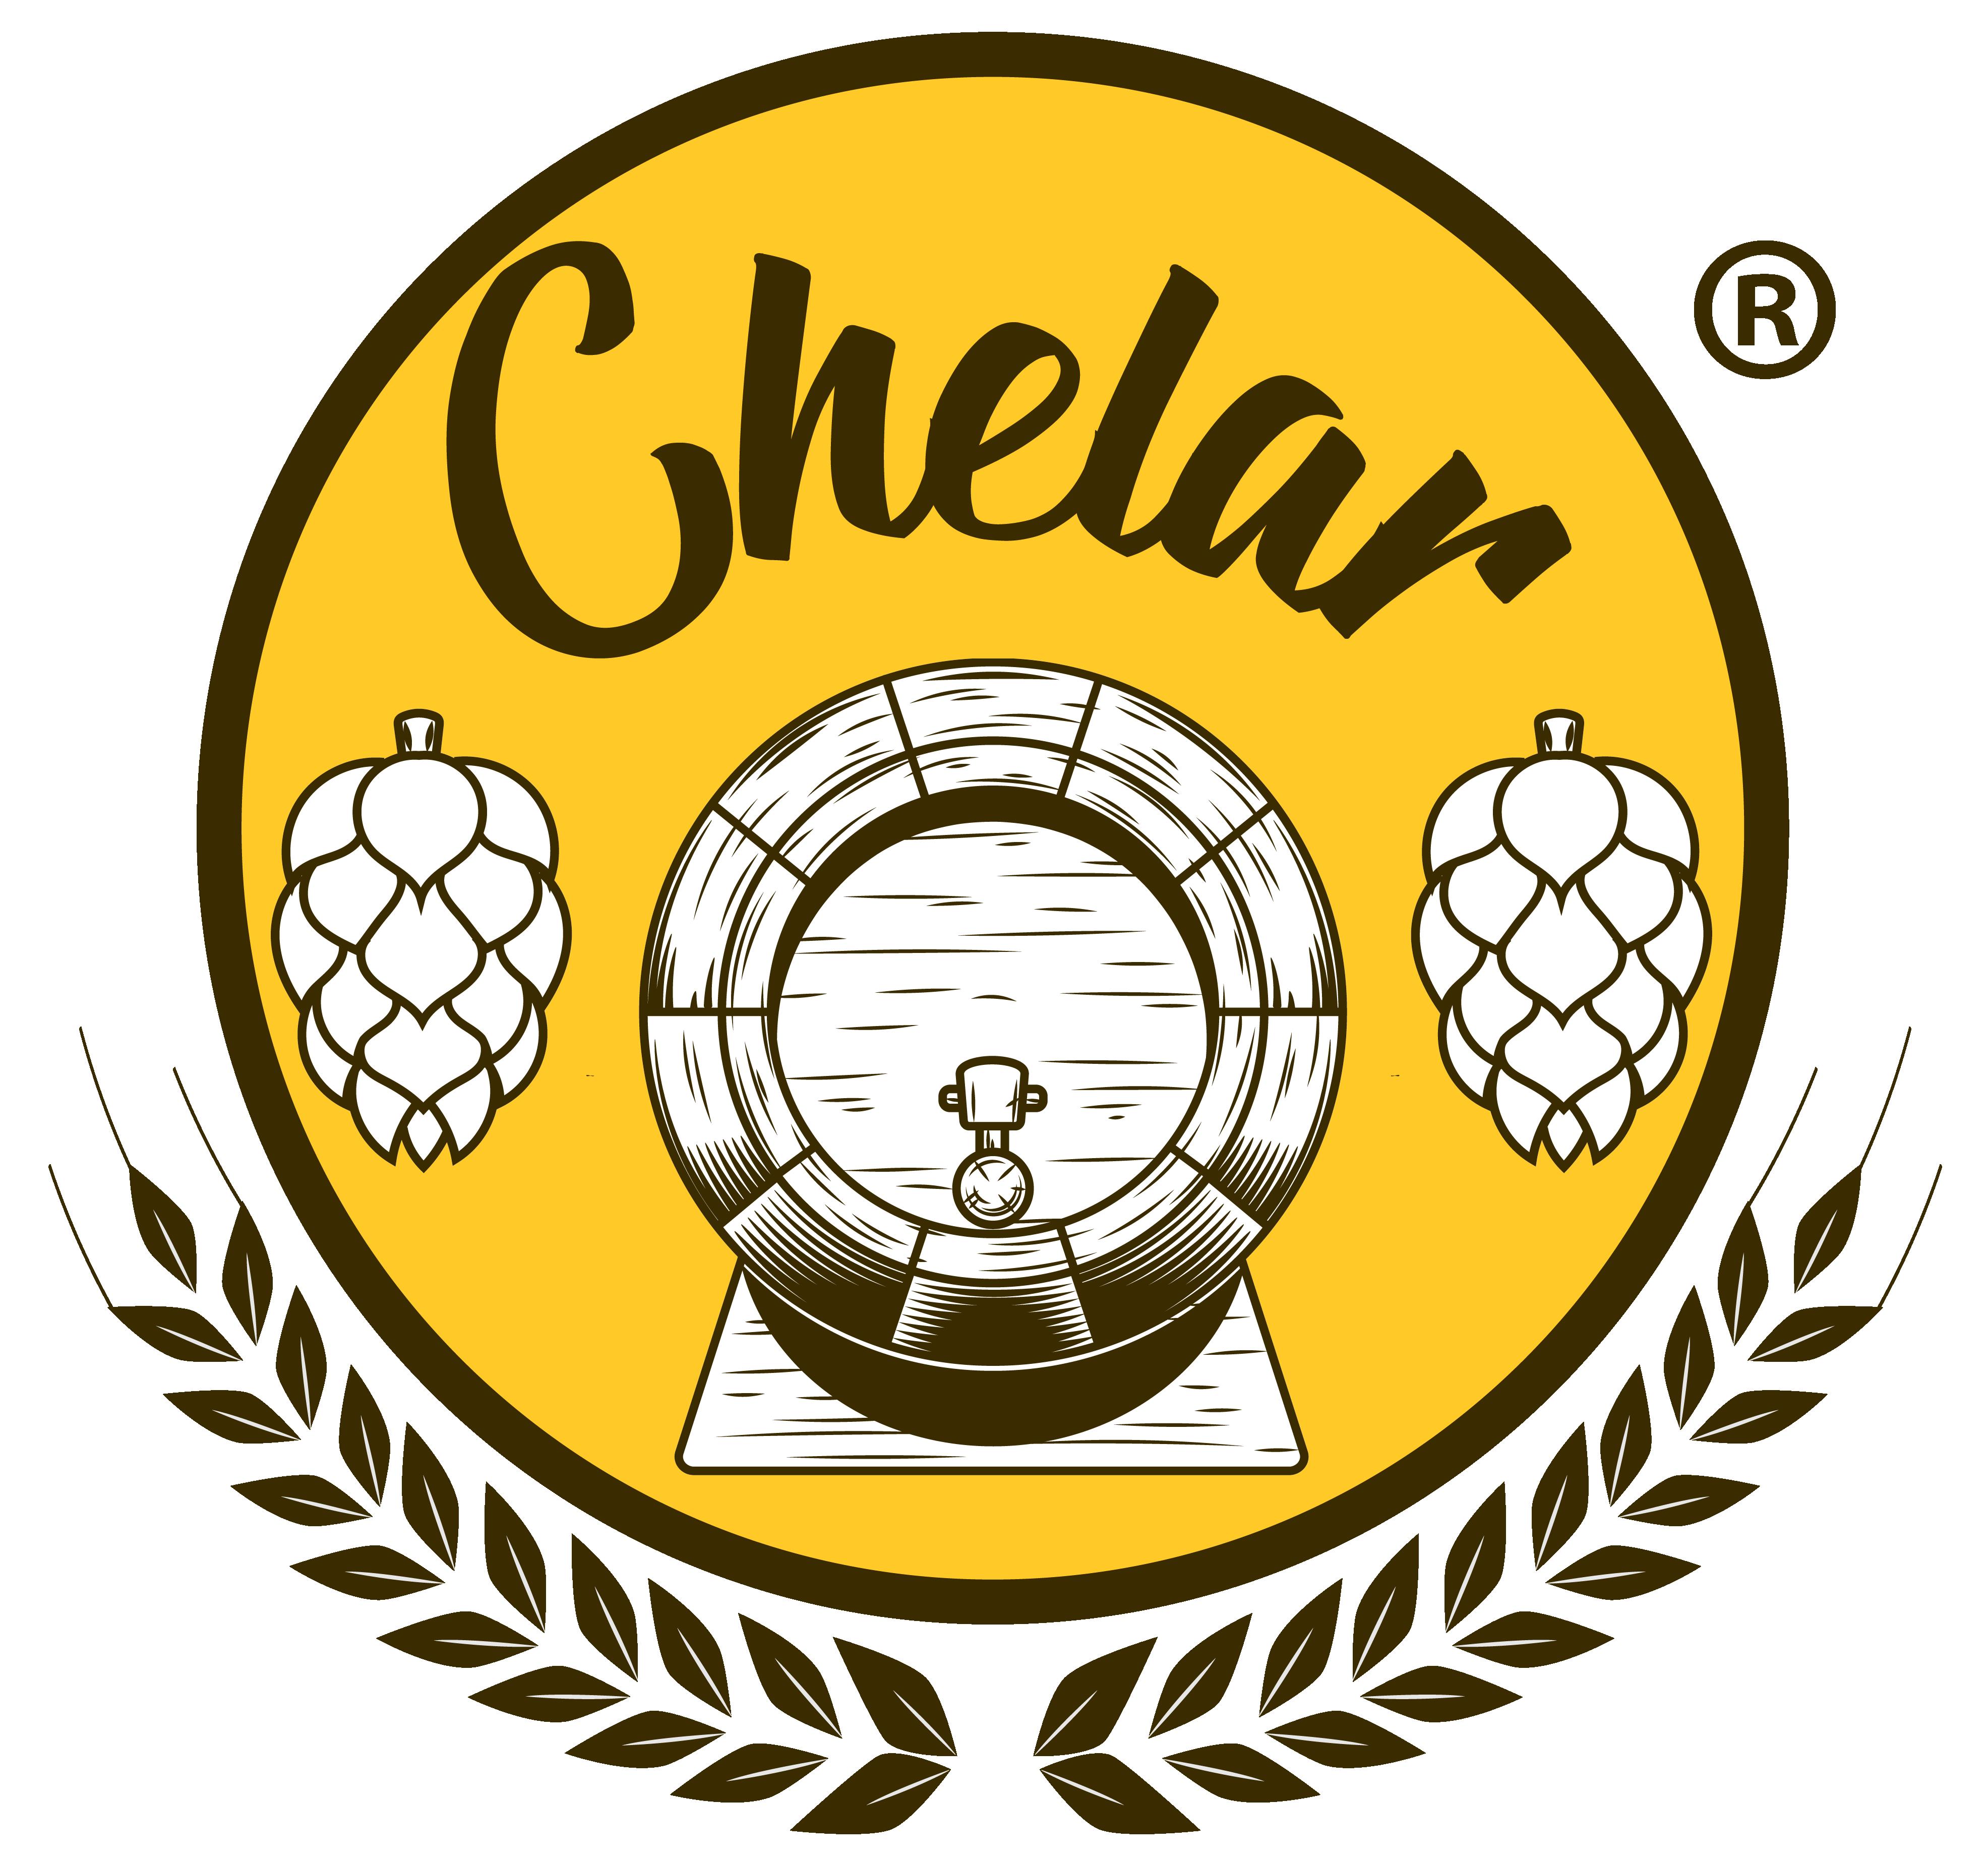 Chelar, Tienda de cerveza artesanal en CDMX